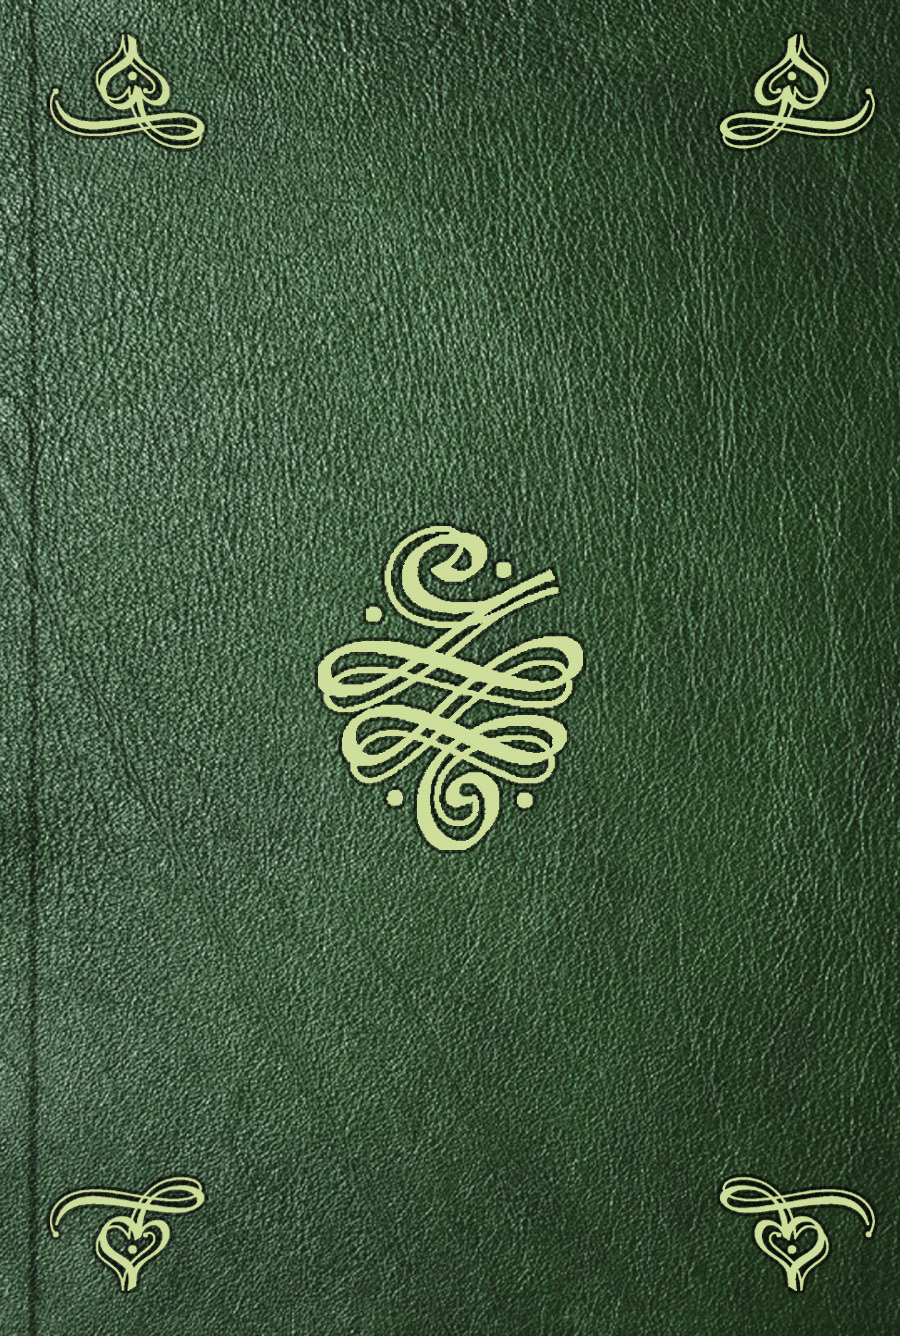 Johann Gottfried Herder Briefe zu Beförderung der Humanität. Sammlung 9 johann gottfried herder briefe zu beförderung der humanität sammlung 4